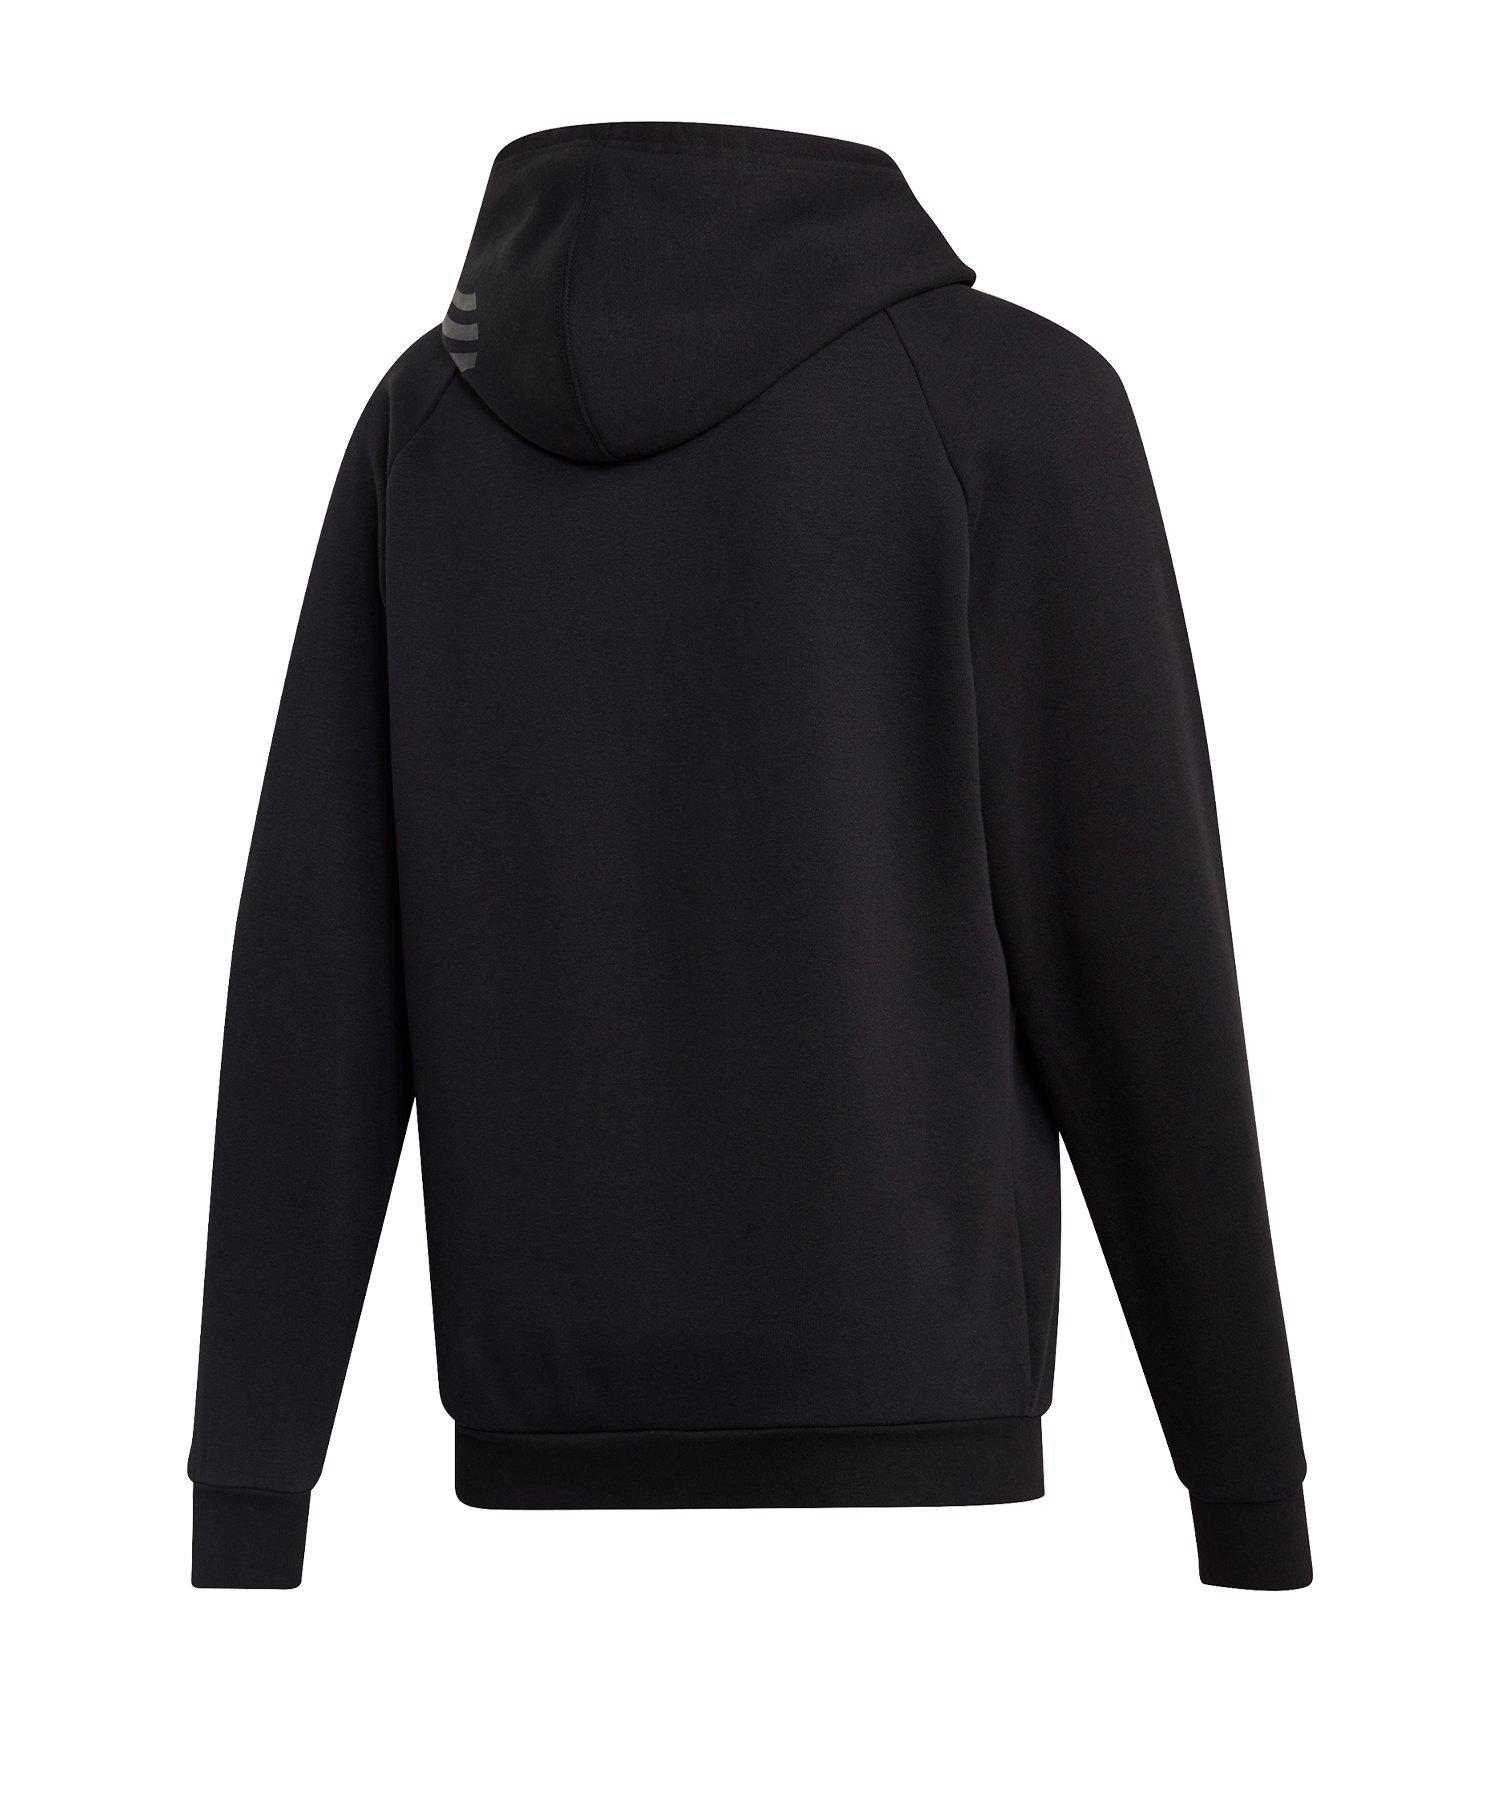 adidas tango windbreaker hoodie schwarz auf rechnung